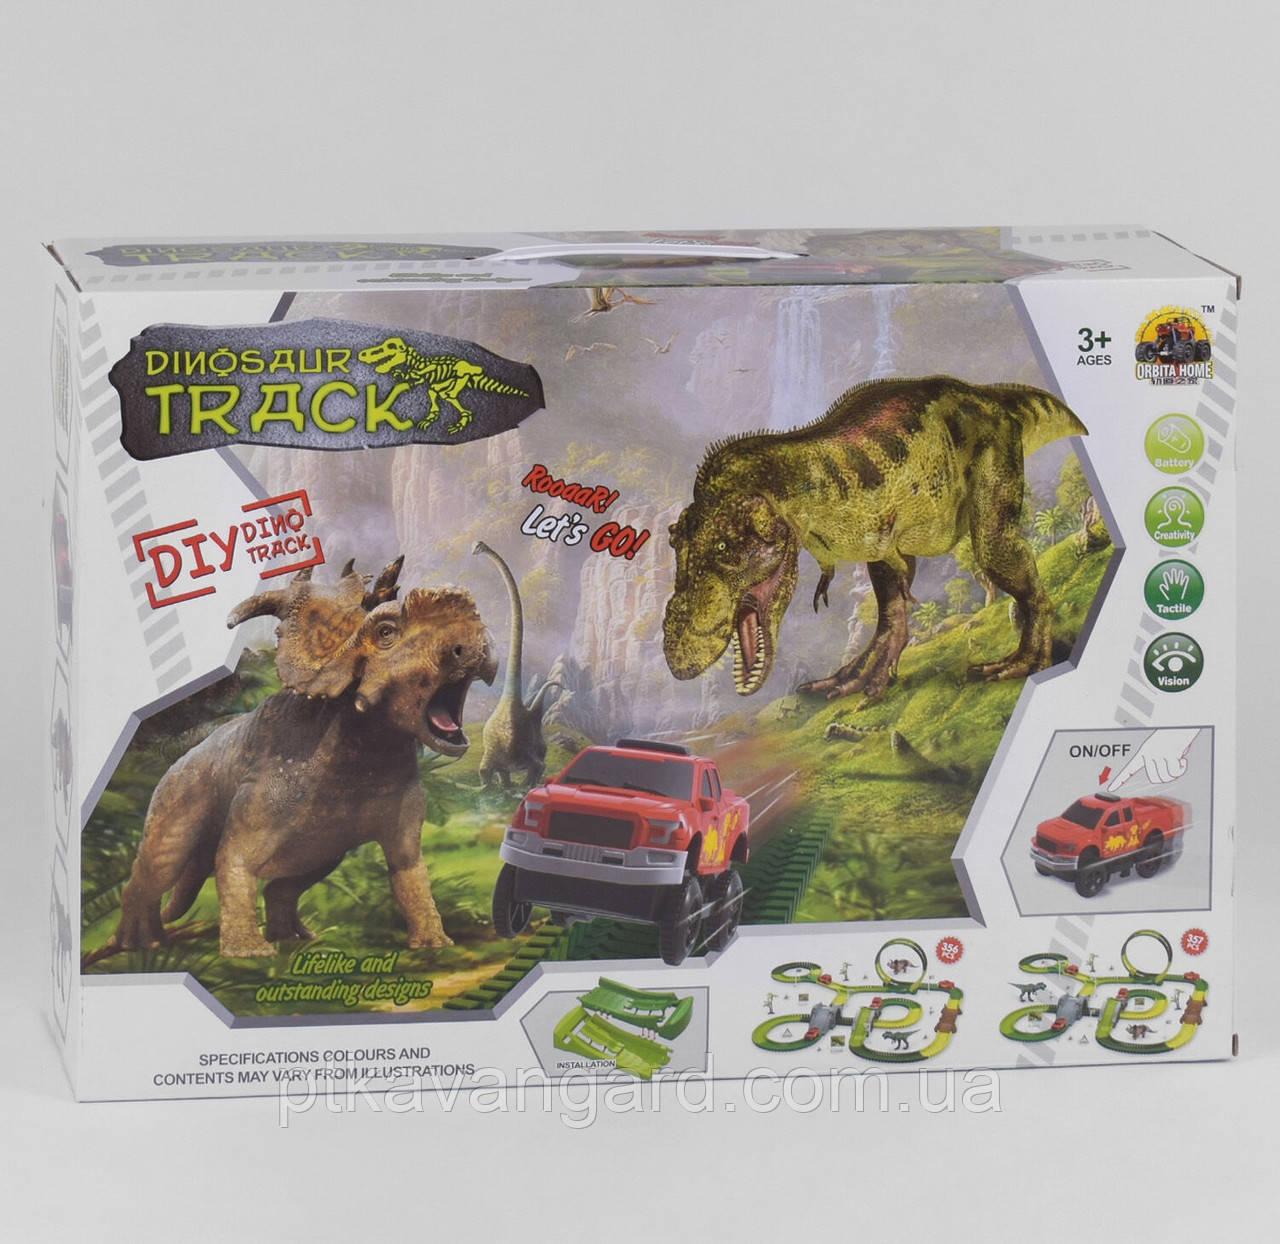 Дитячий гоночний Автотрек Динозаври, трек Дінопарк 356 деталей, 646 см дорога, GD 15 A